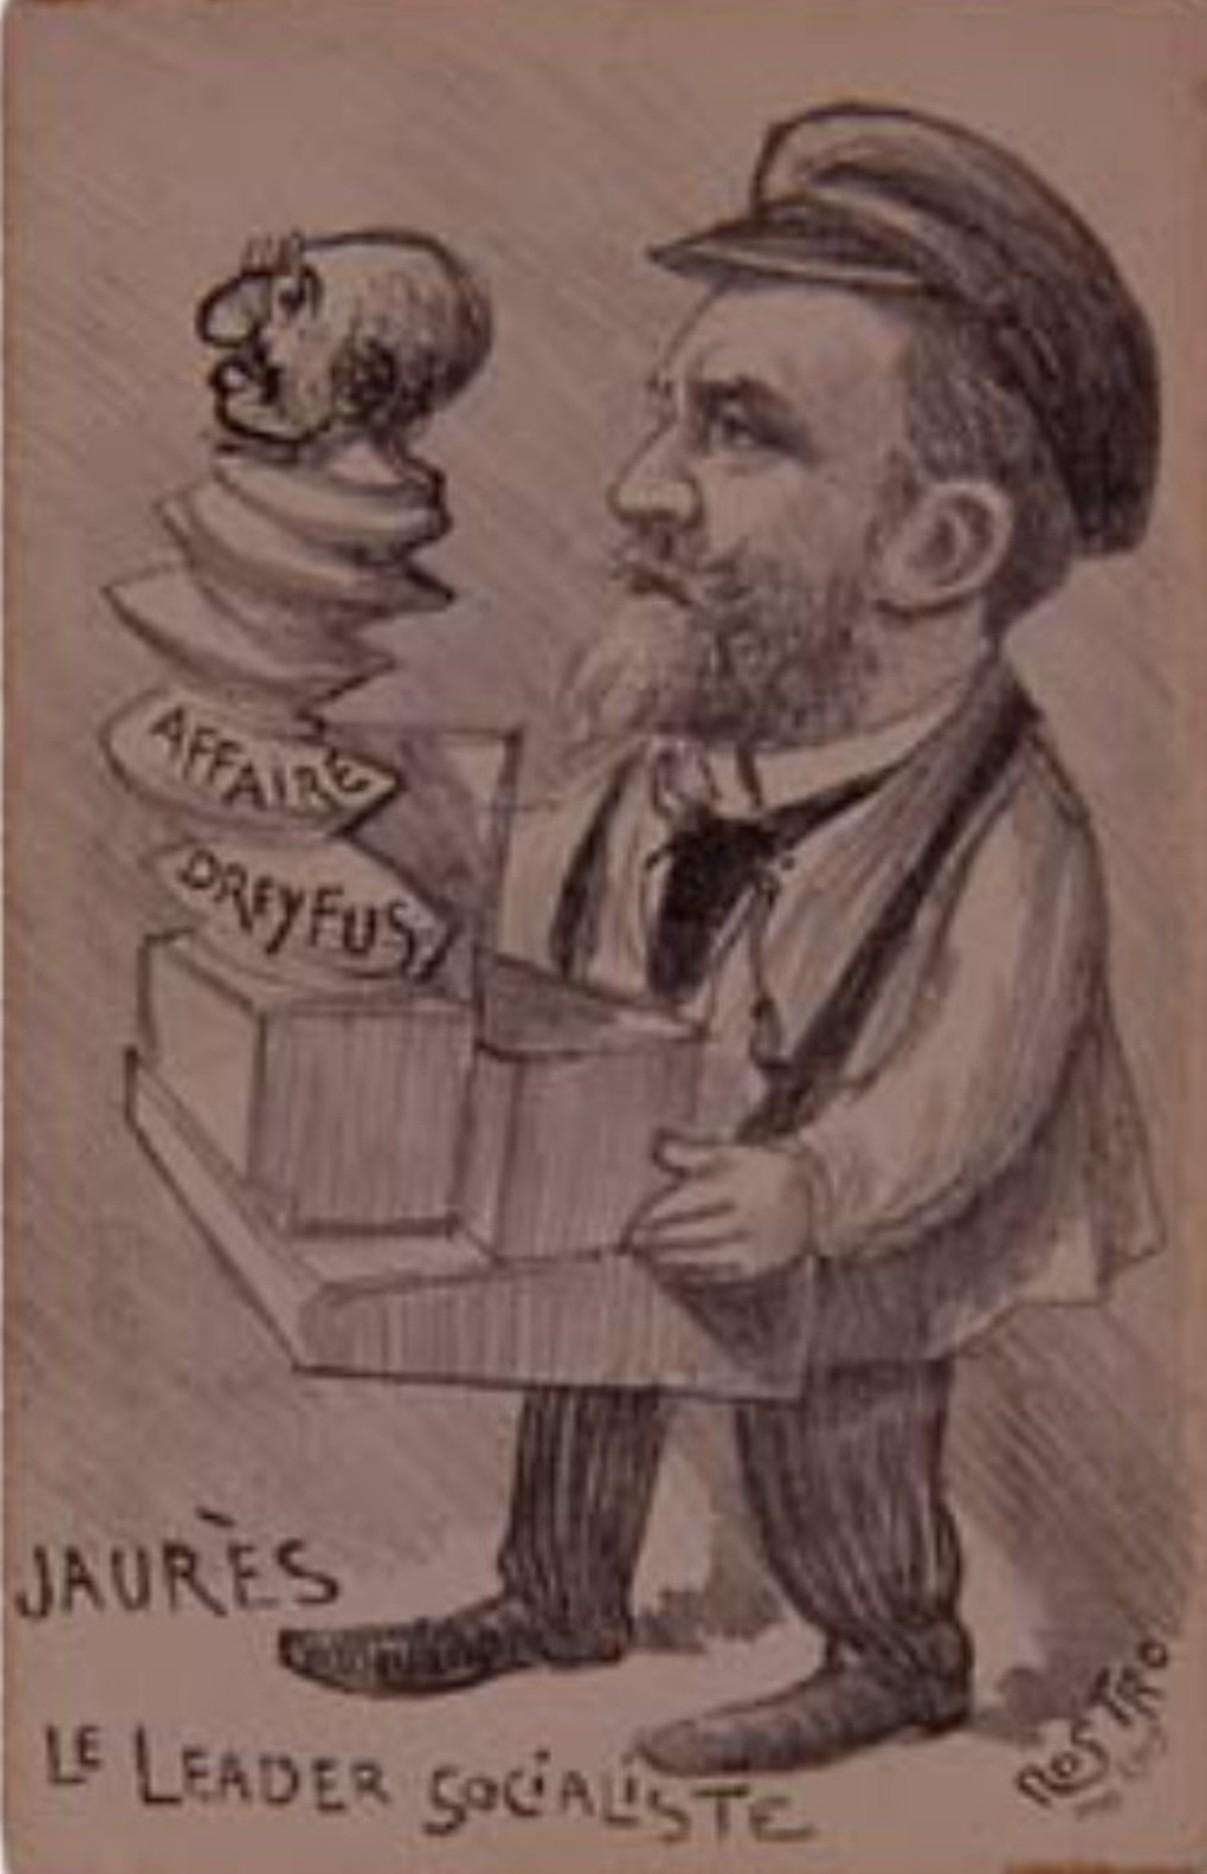 Image - Jaurès, le leader socialiste